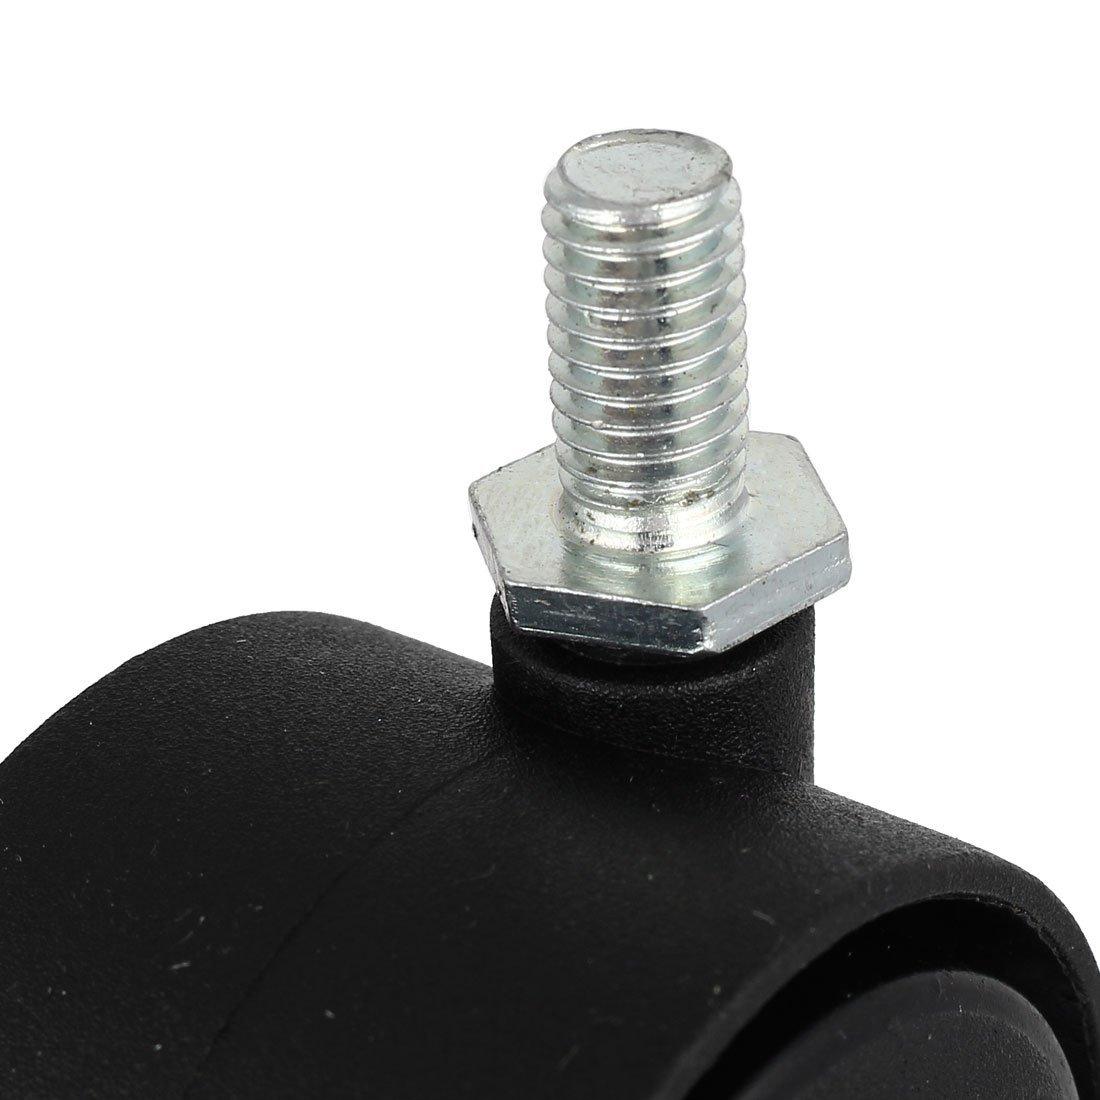 eDealMax 8 mm x 15 mm Con rosca del vástago 1, 5 pulgadas de diámetro giratoria de ruedas dobles Ruedas Negro 10PCS: Amazon.com: Industrial & Scientific